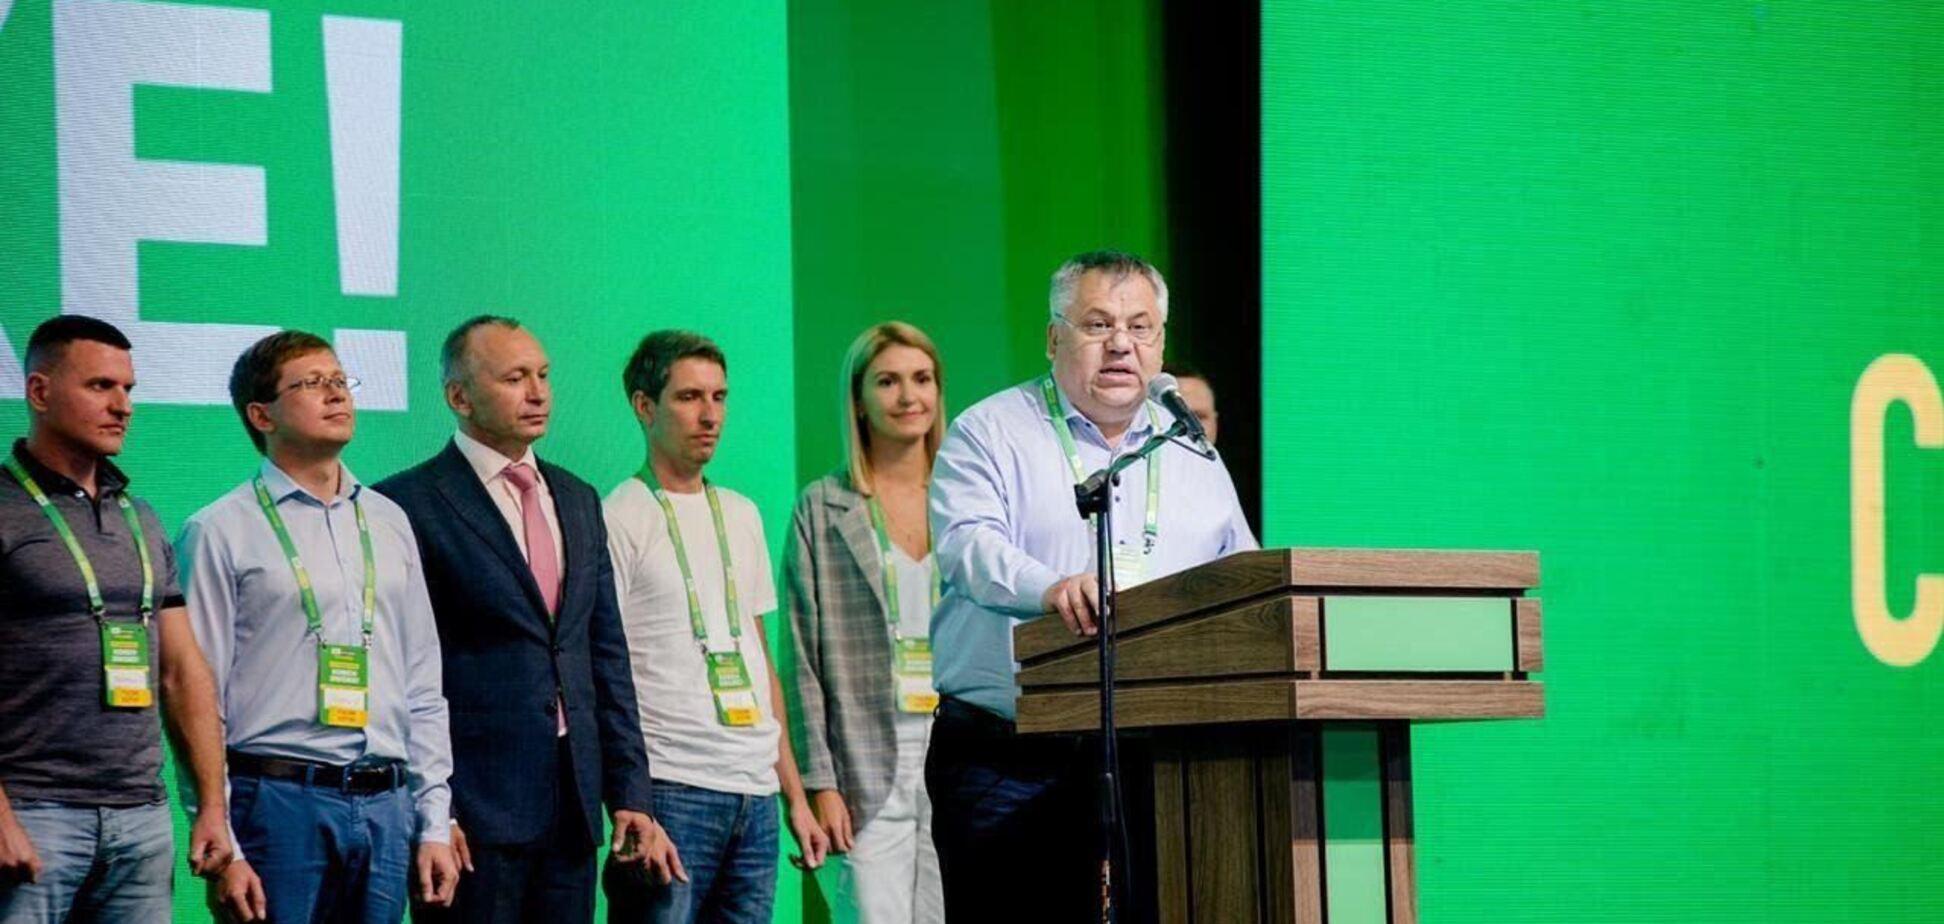 На форумі 'Слуг народу' в Запоріжжі помітили політтехнологів, обвинувачених у сепаратизмі